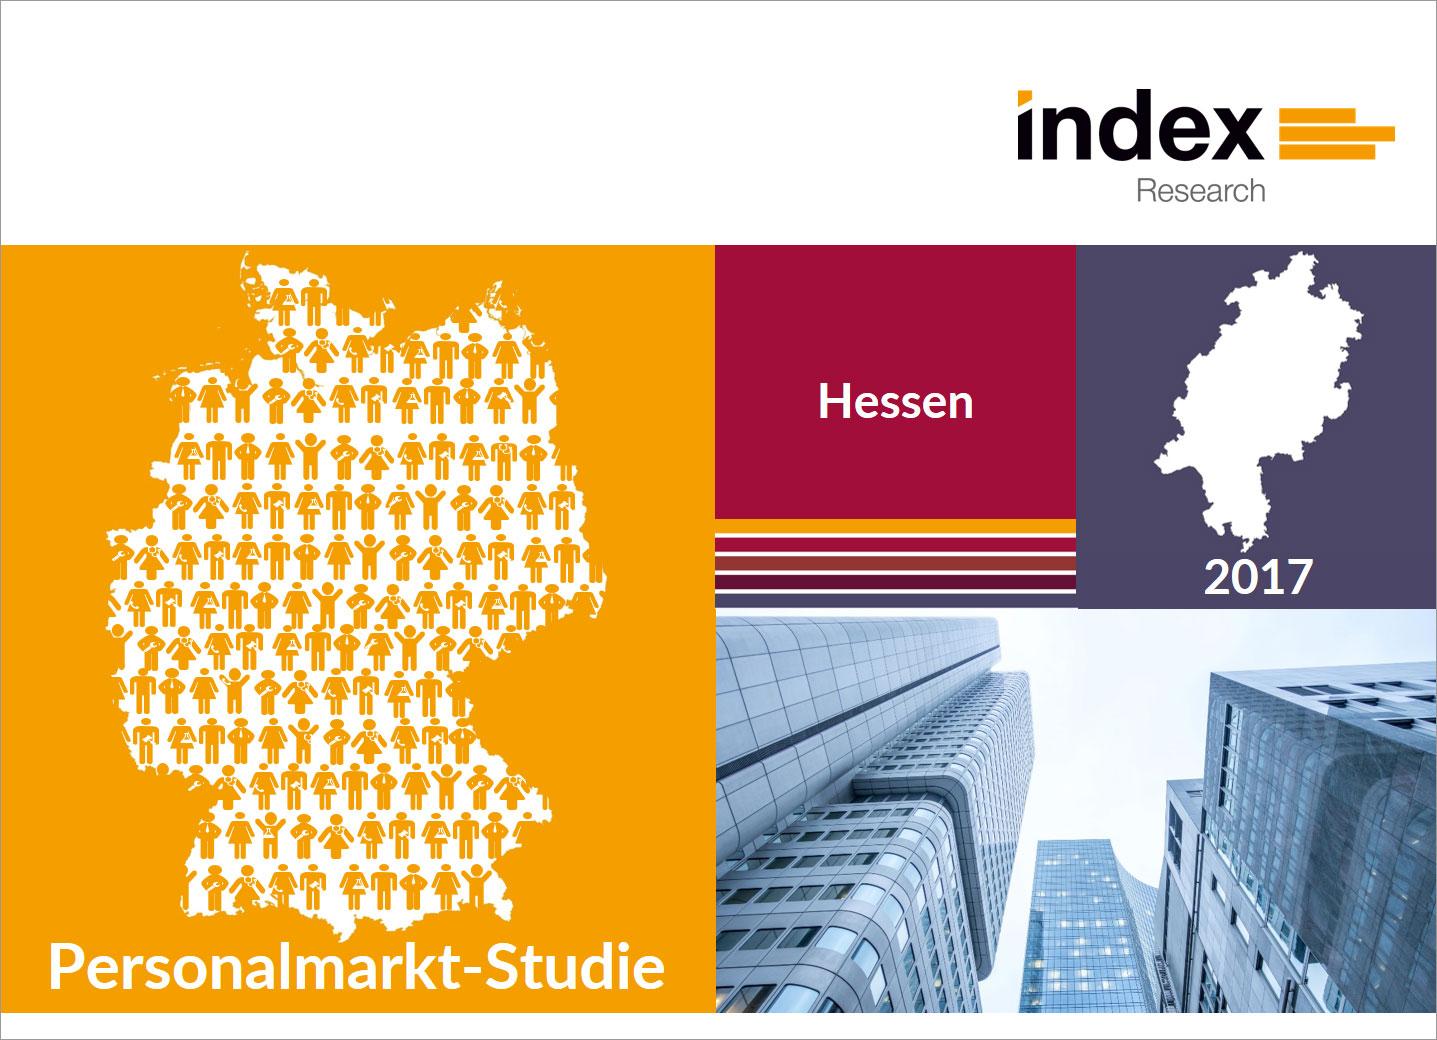 Titel-Personalmarkt-Studie-Hessen